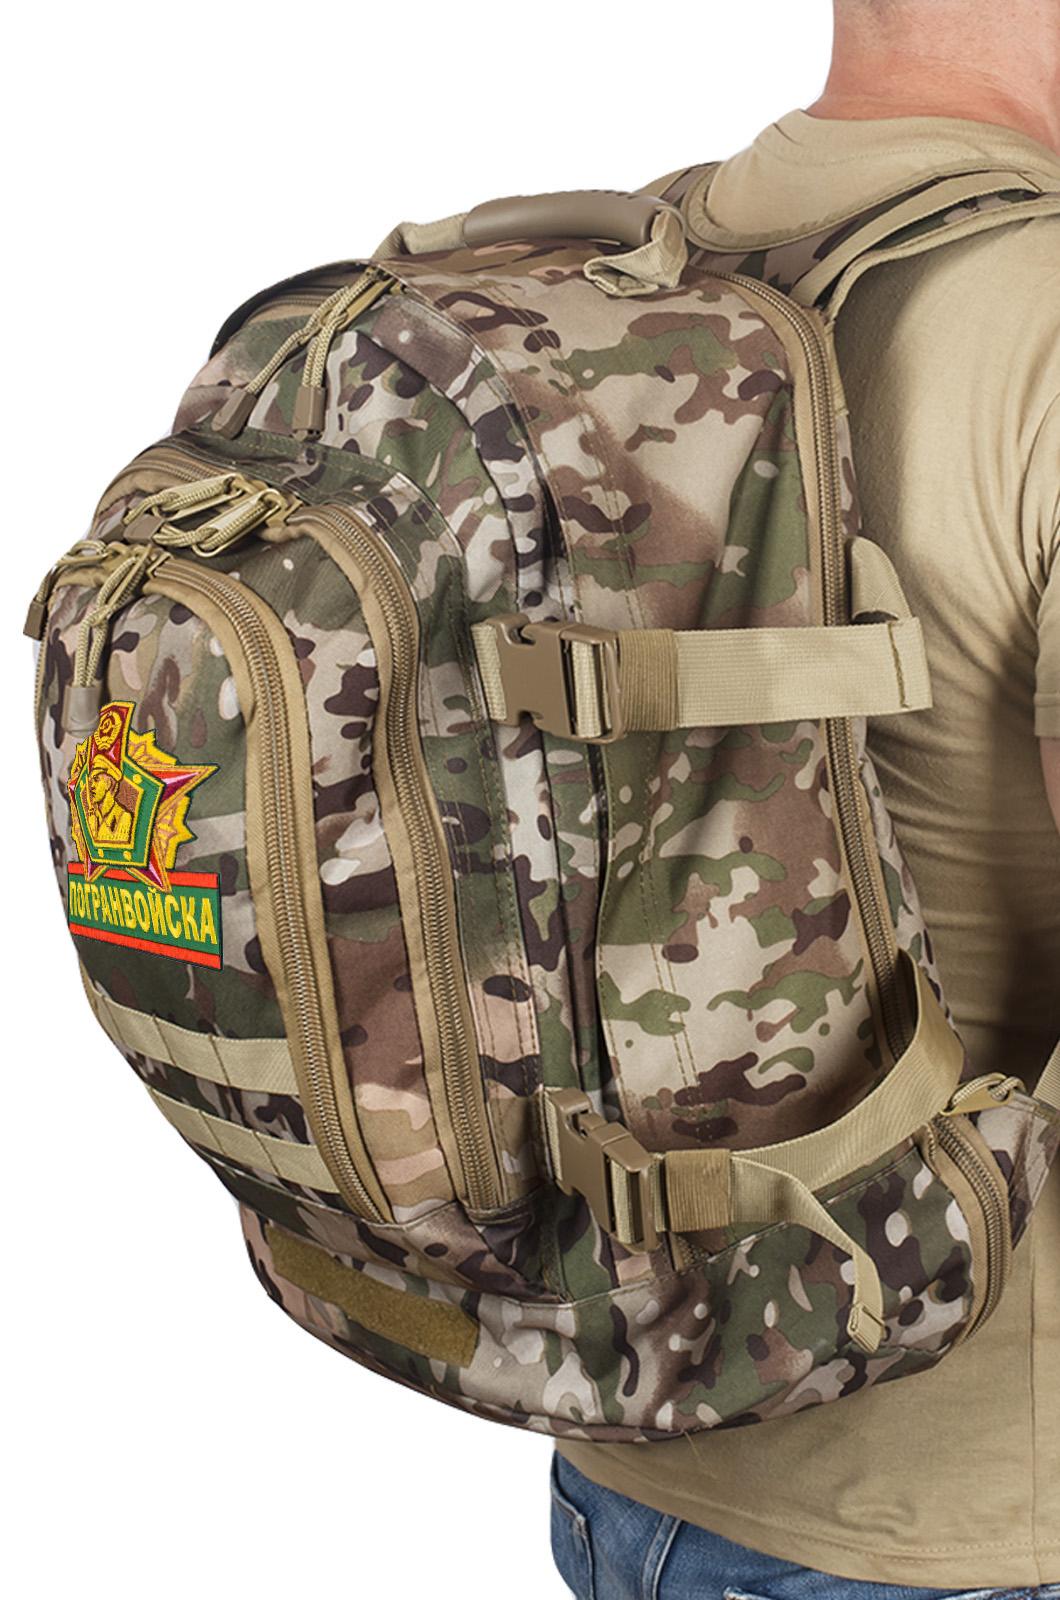 Камуфляжный штурмовой рюкзак пограничника - купить онлайн